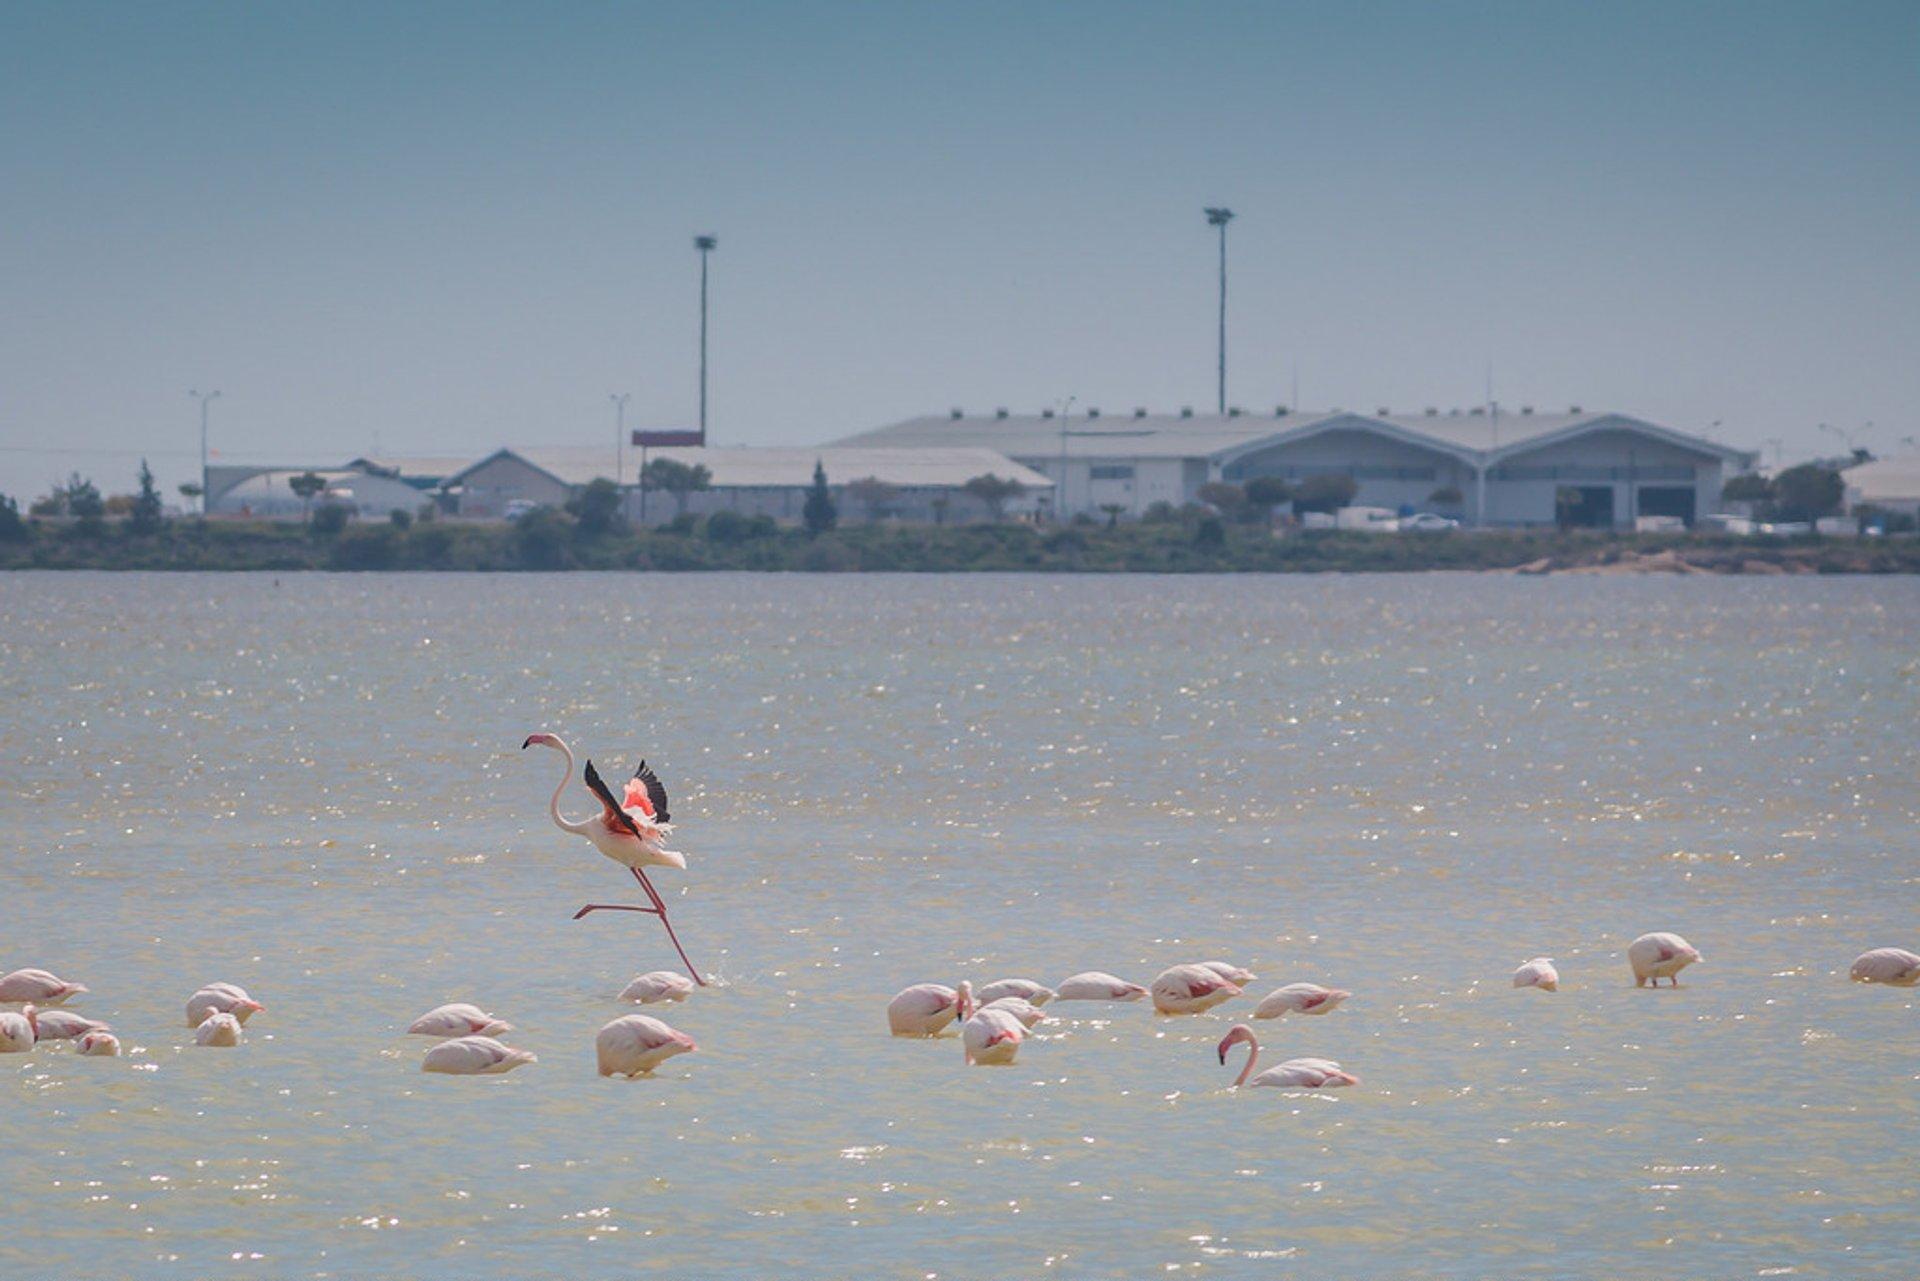 Flamingos at Larnaca salt lake 2020